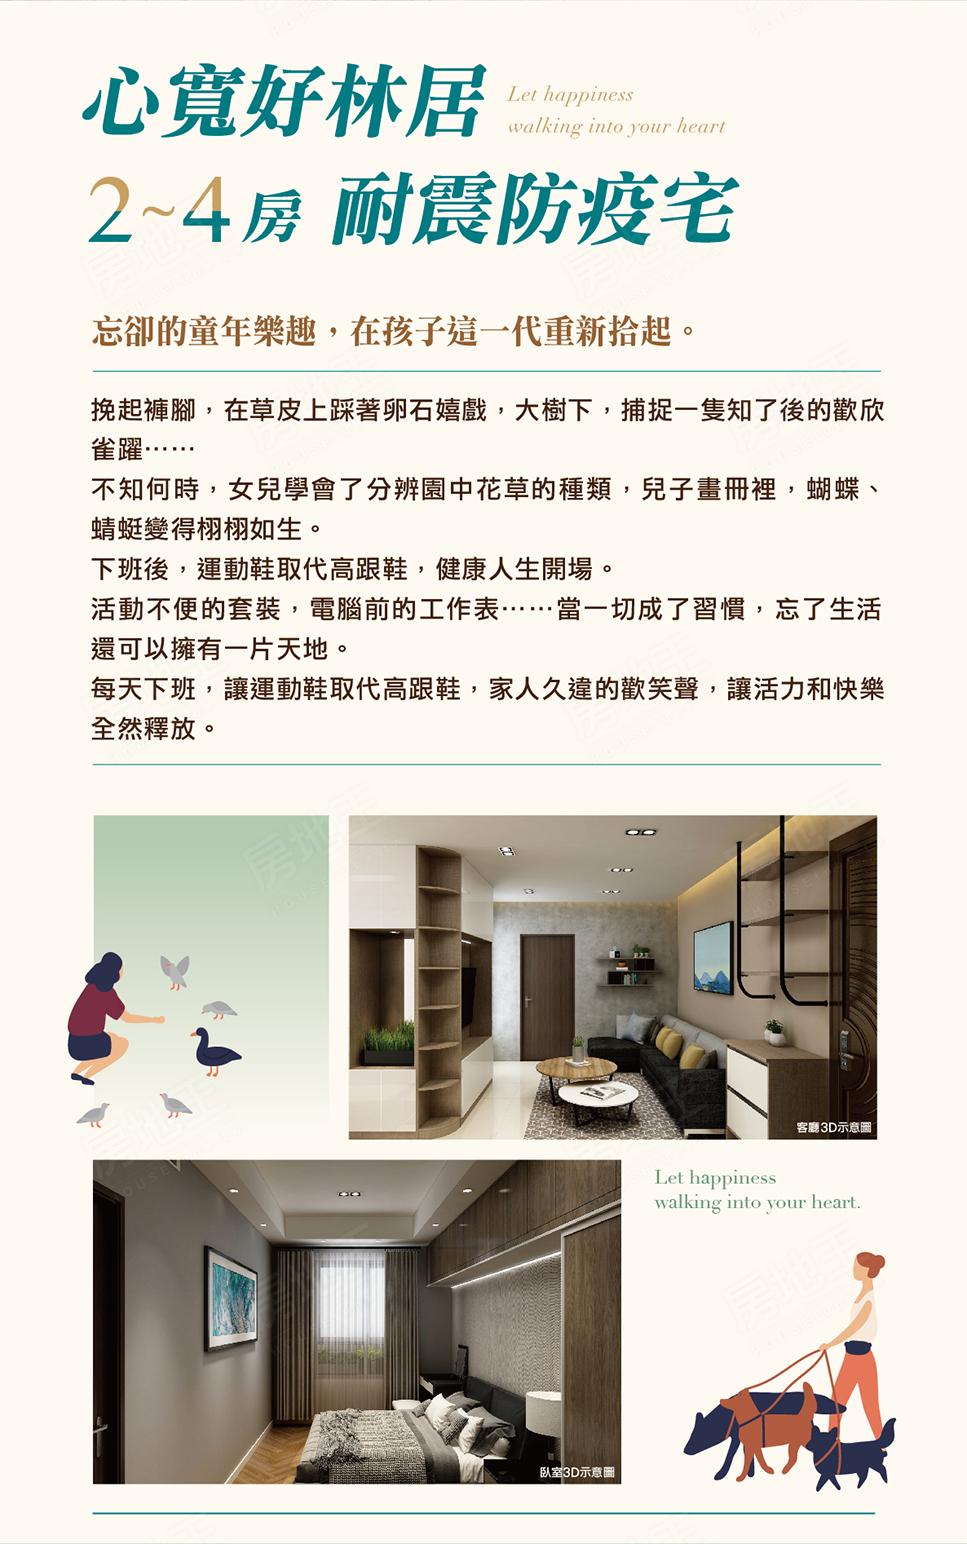 漢昇築夢想建案